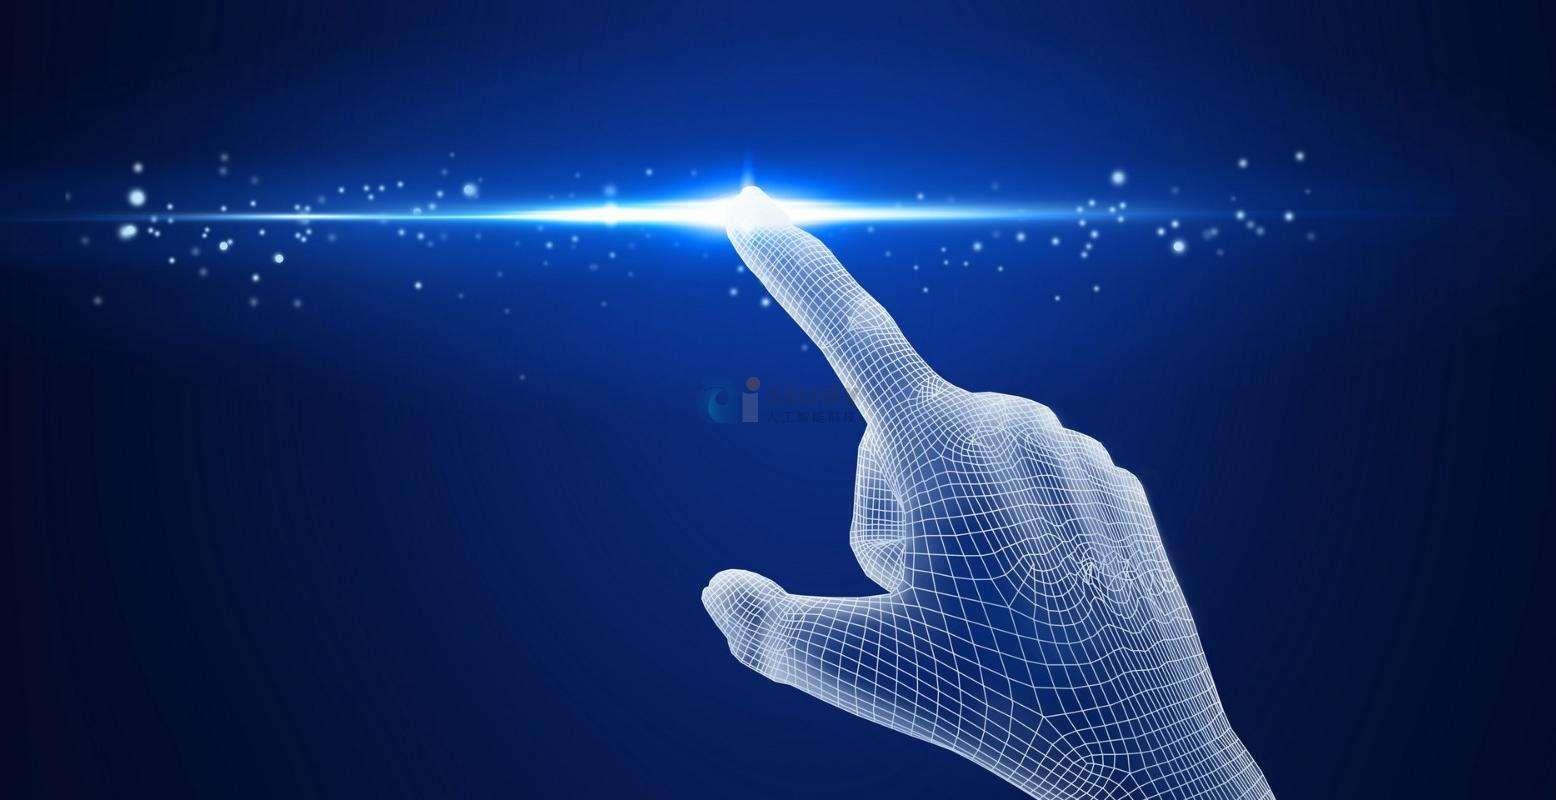 人工智能在走向产业落地的过程中面临了一系列的挑战